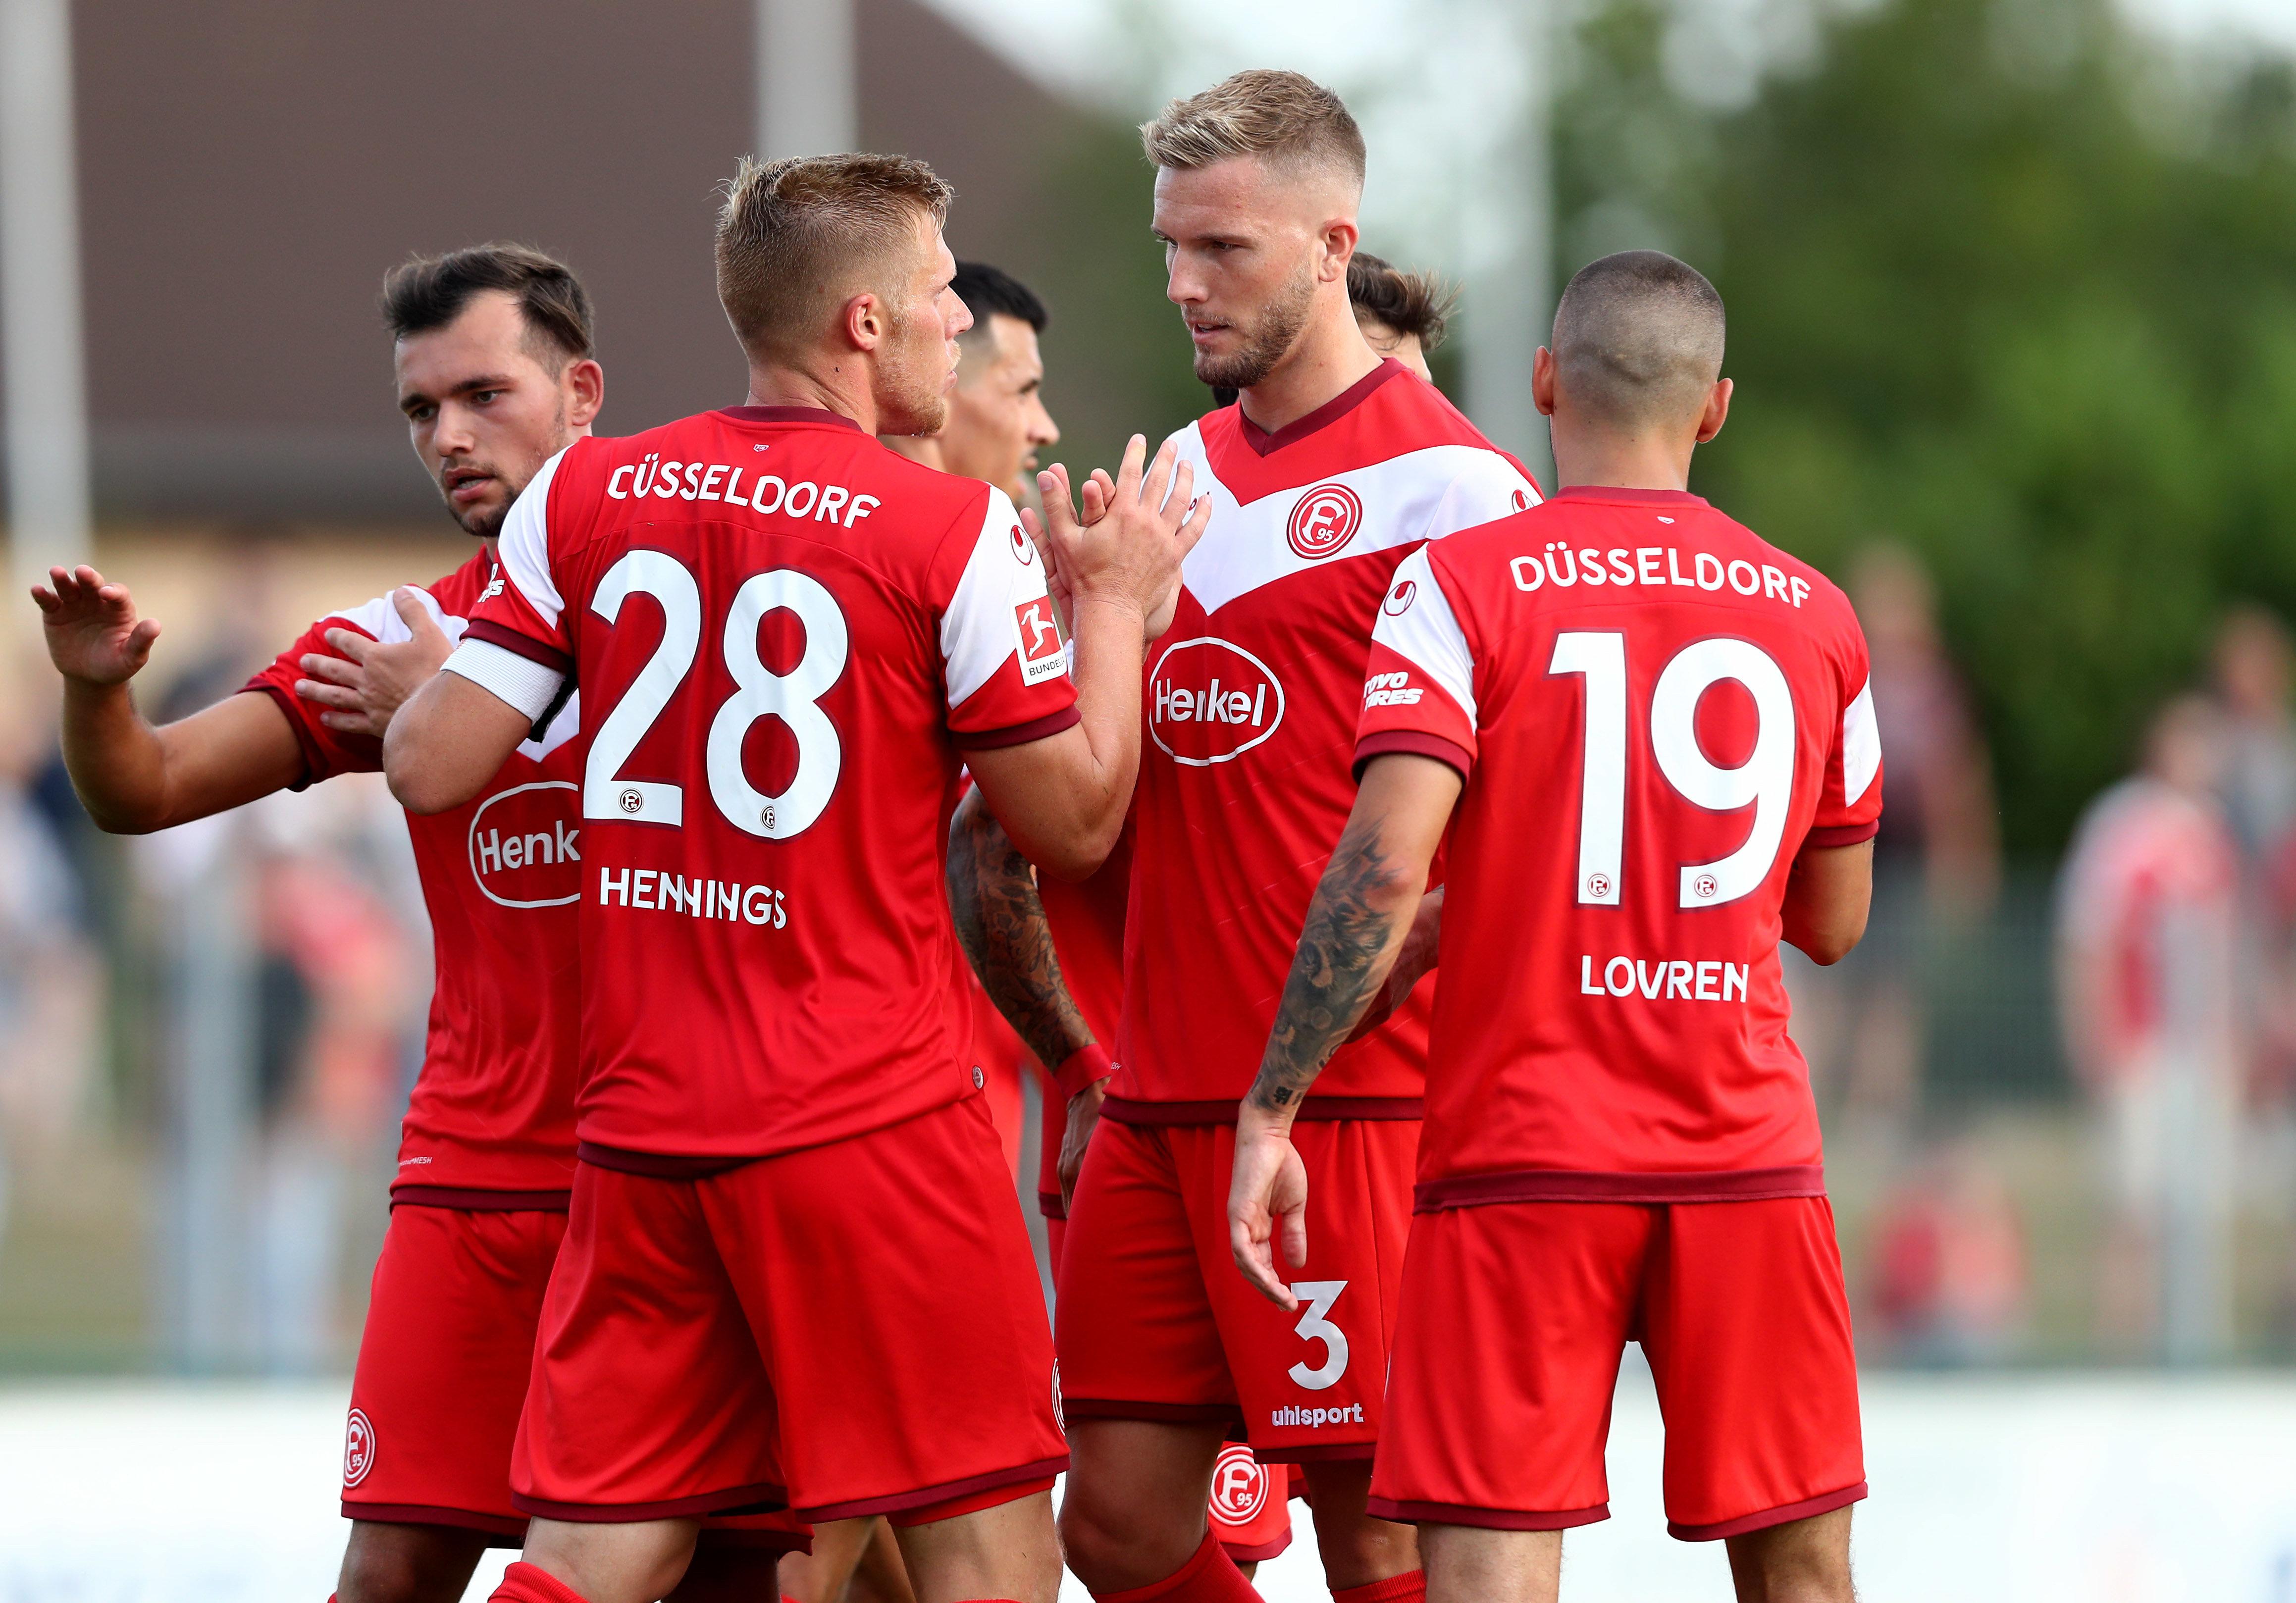 DFB-Pokal im Live-Stream: RW Koblenz – Fortuna Düsseldorf online